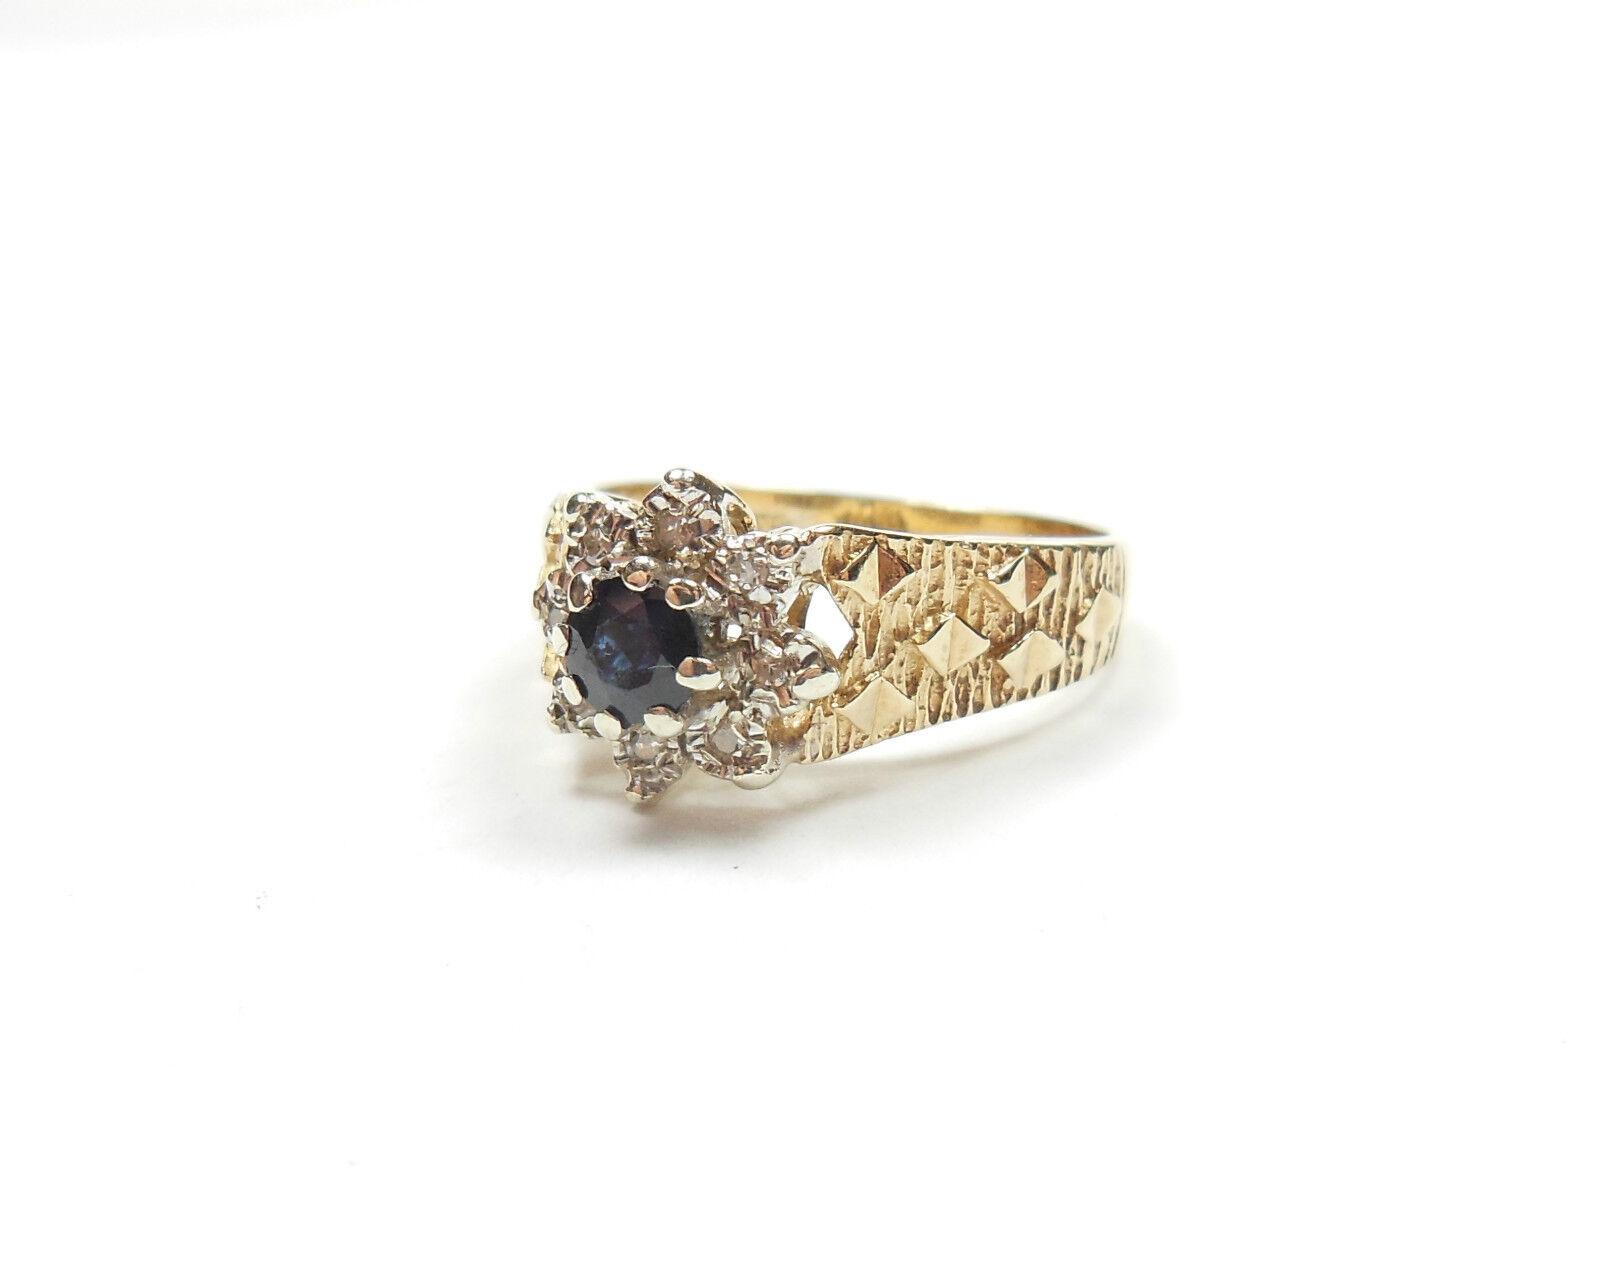 VINTAGE Zaffiro E Diamante Grappolo Anello oro Giallo 9 CARATI CARATI CARATI 1976 3.4g dfcf5a